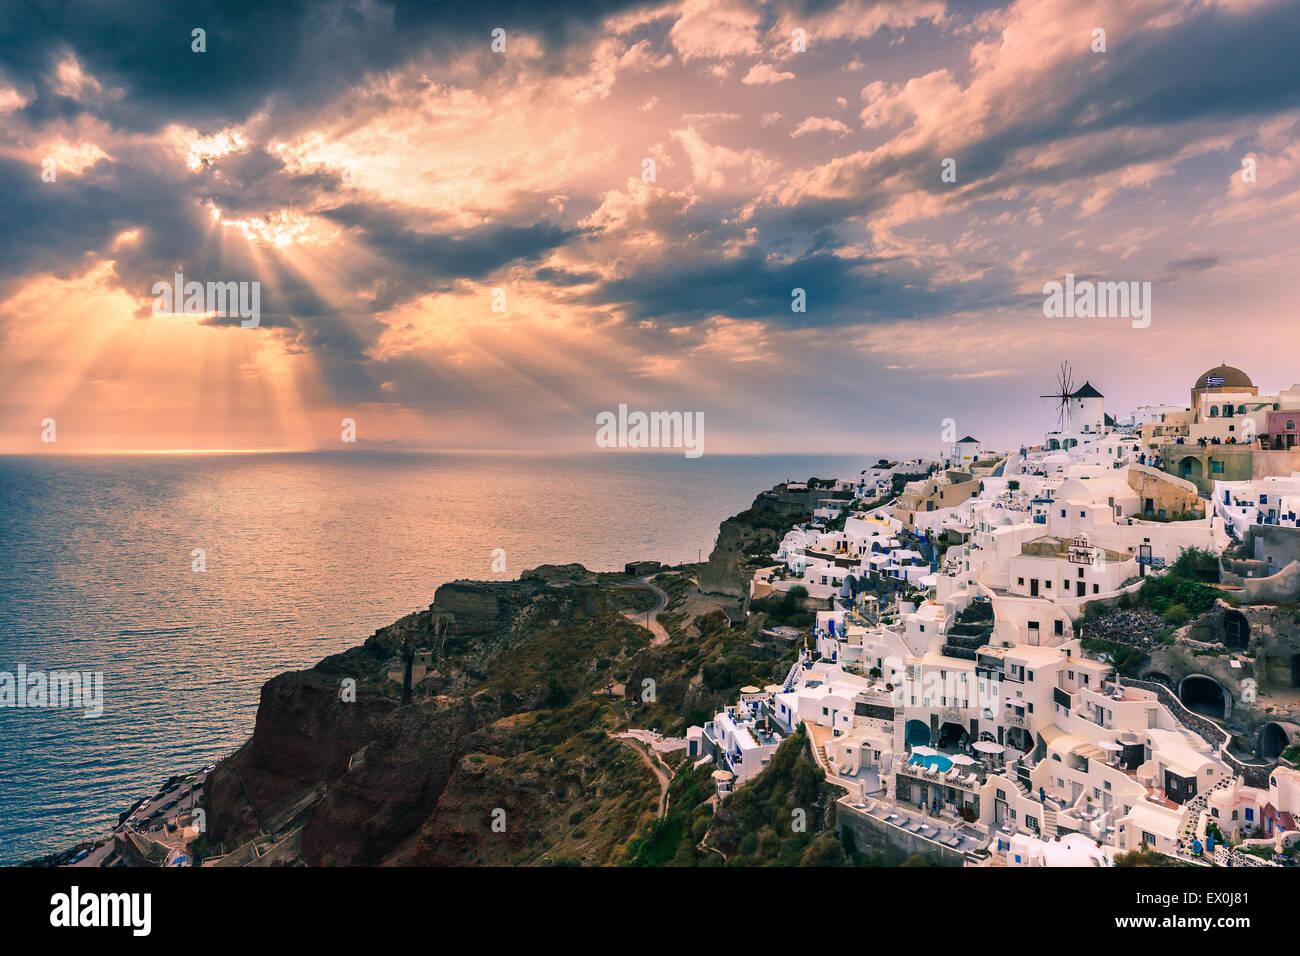 La cittadina di Oia durante il tramonto a Santorini, una delle isole Cicladi nel Mare Egeo, Grecia. Immagini Stock